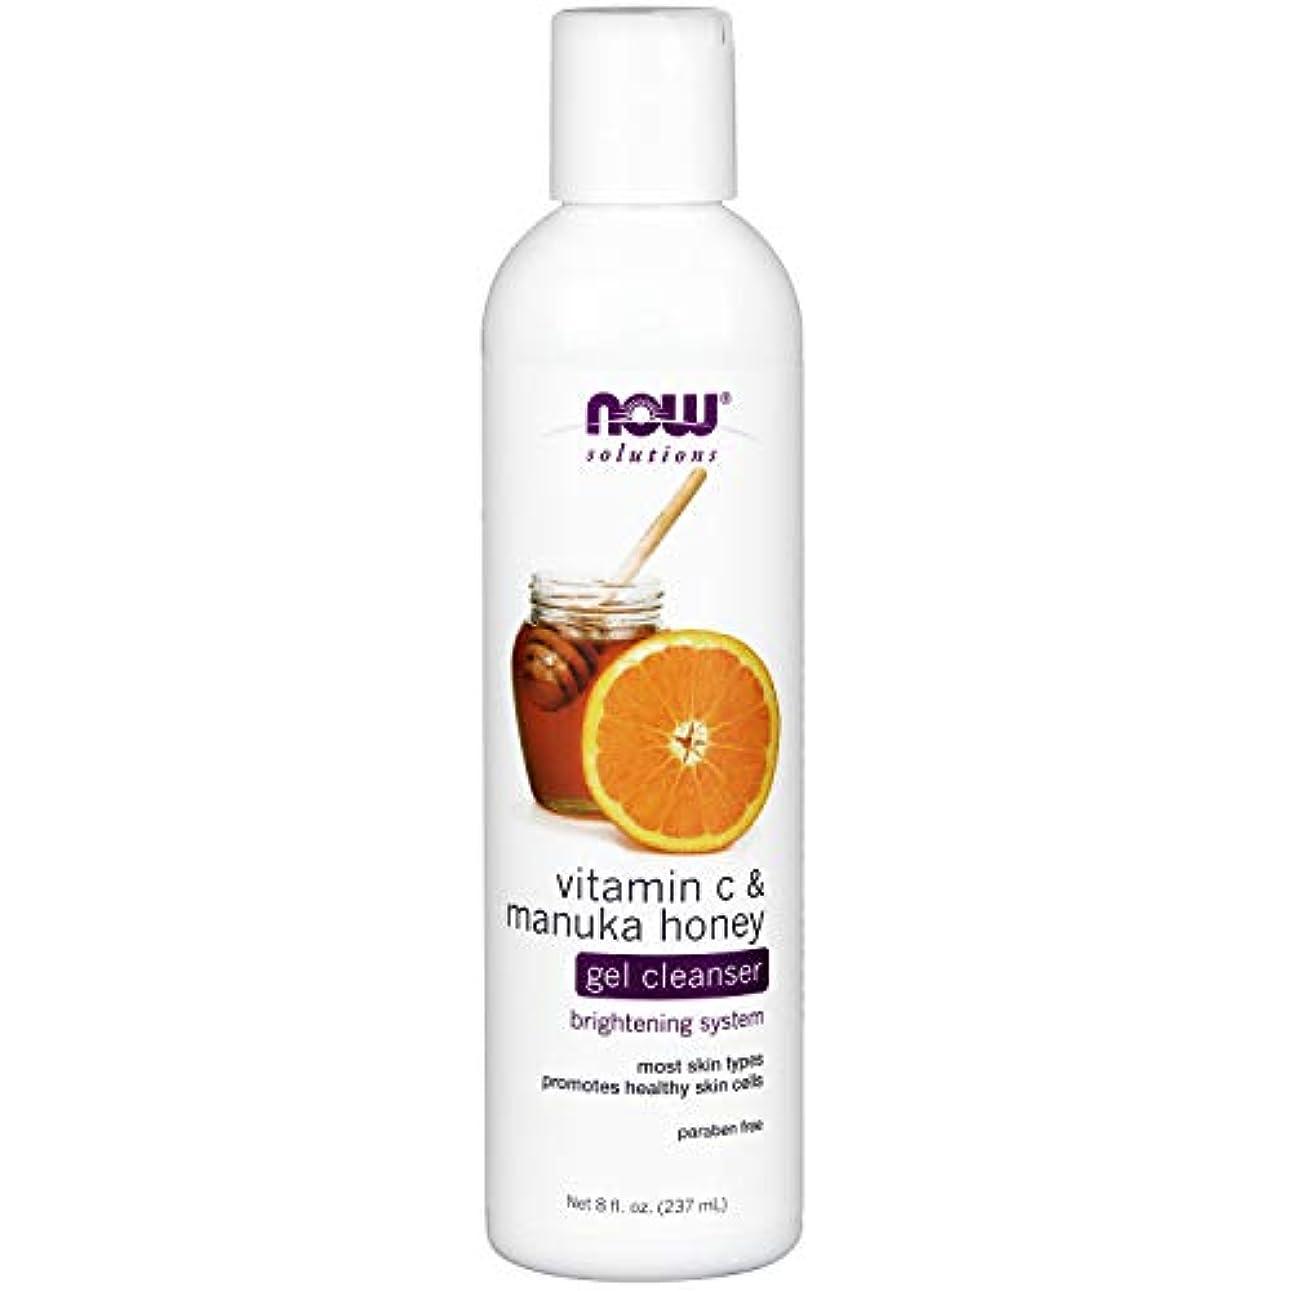 ロータリー服を着るバナーNOW Vitamin C & Manuka Honey Gel Cleanser - 8 fl. oz. ビタミンC&マヌカハニー配合のジェルタイプ洗顔 ~海外直送品~